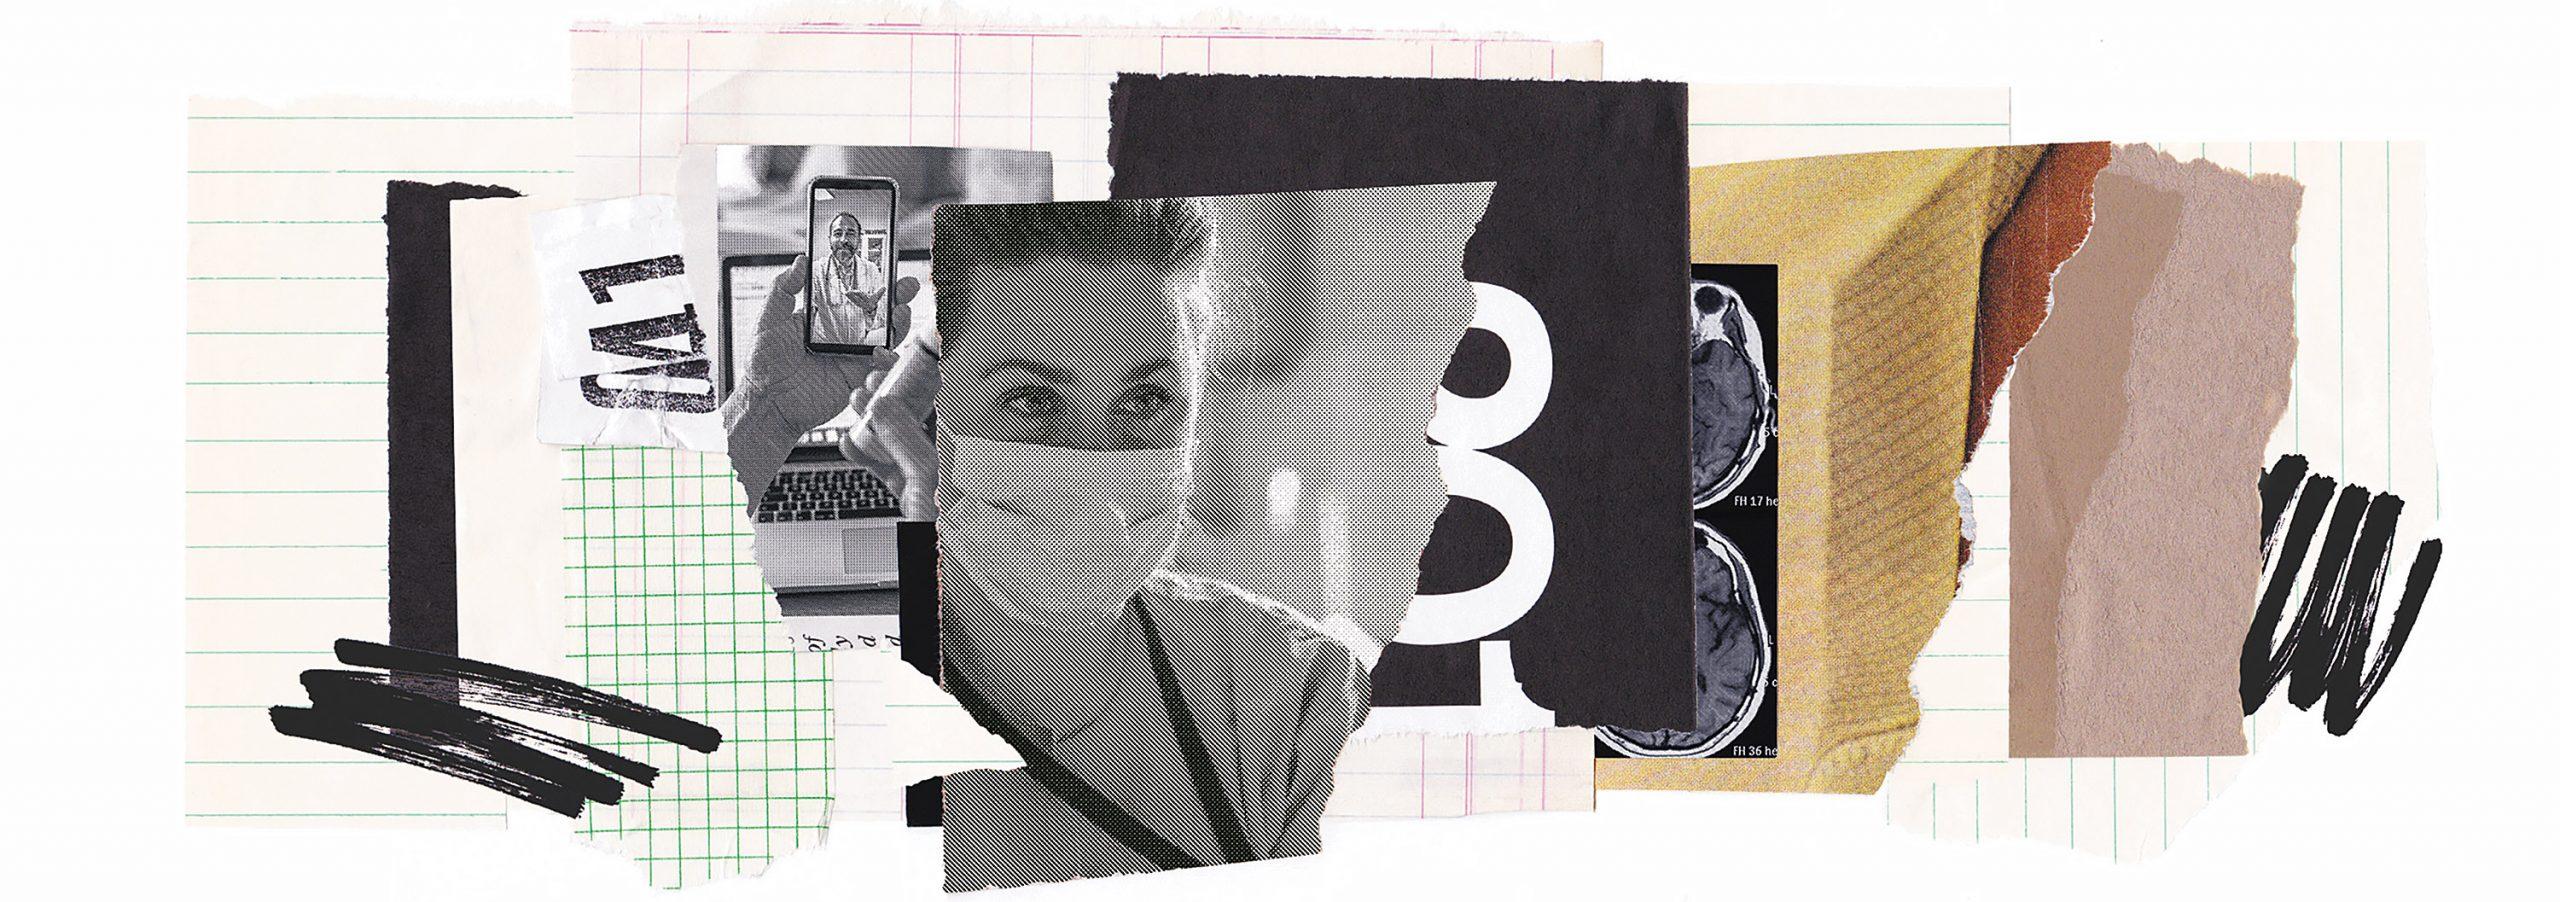 パンデミックで一気に普及した米国の遠隔医療は定着するのか?